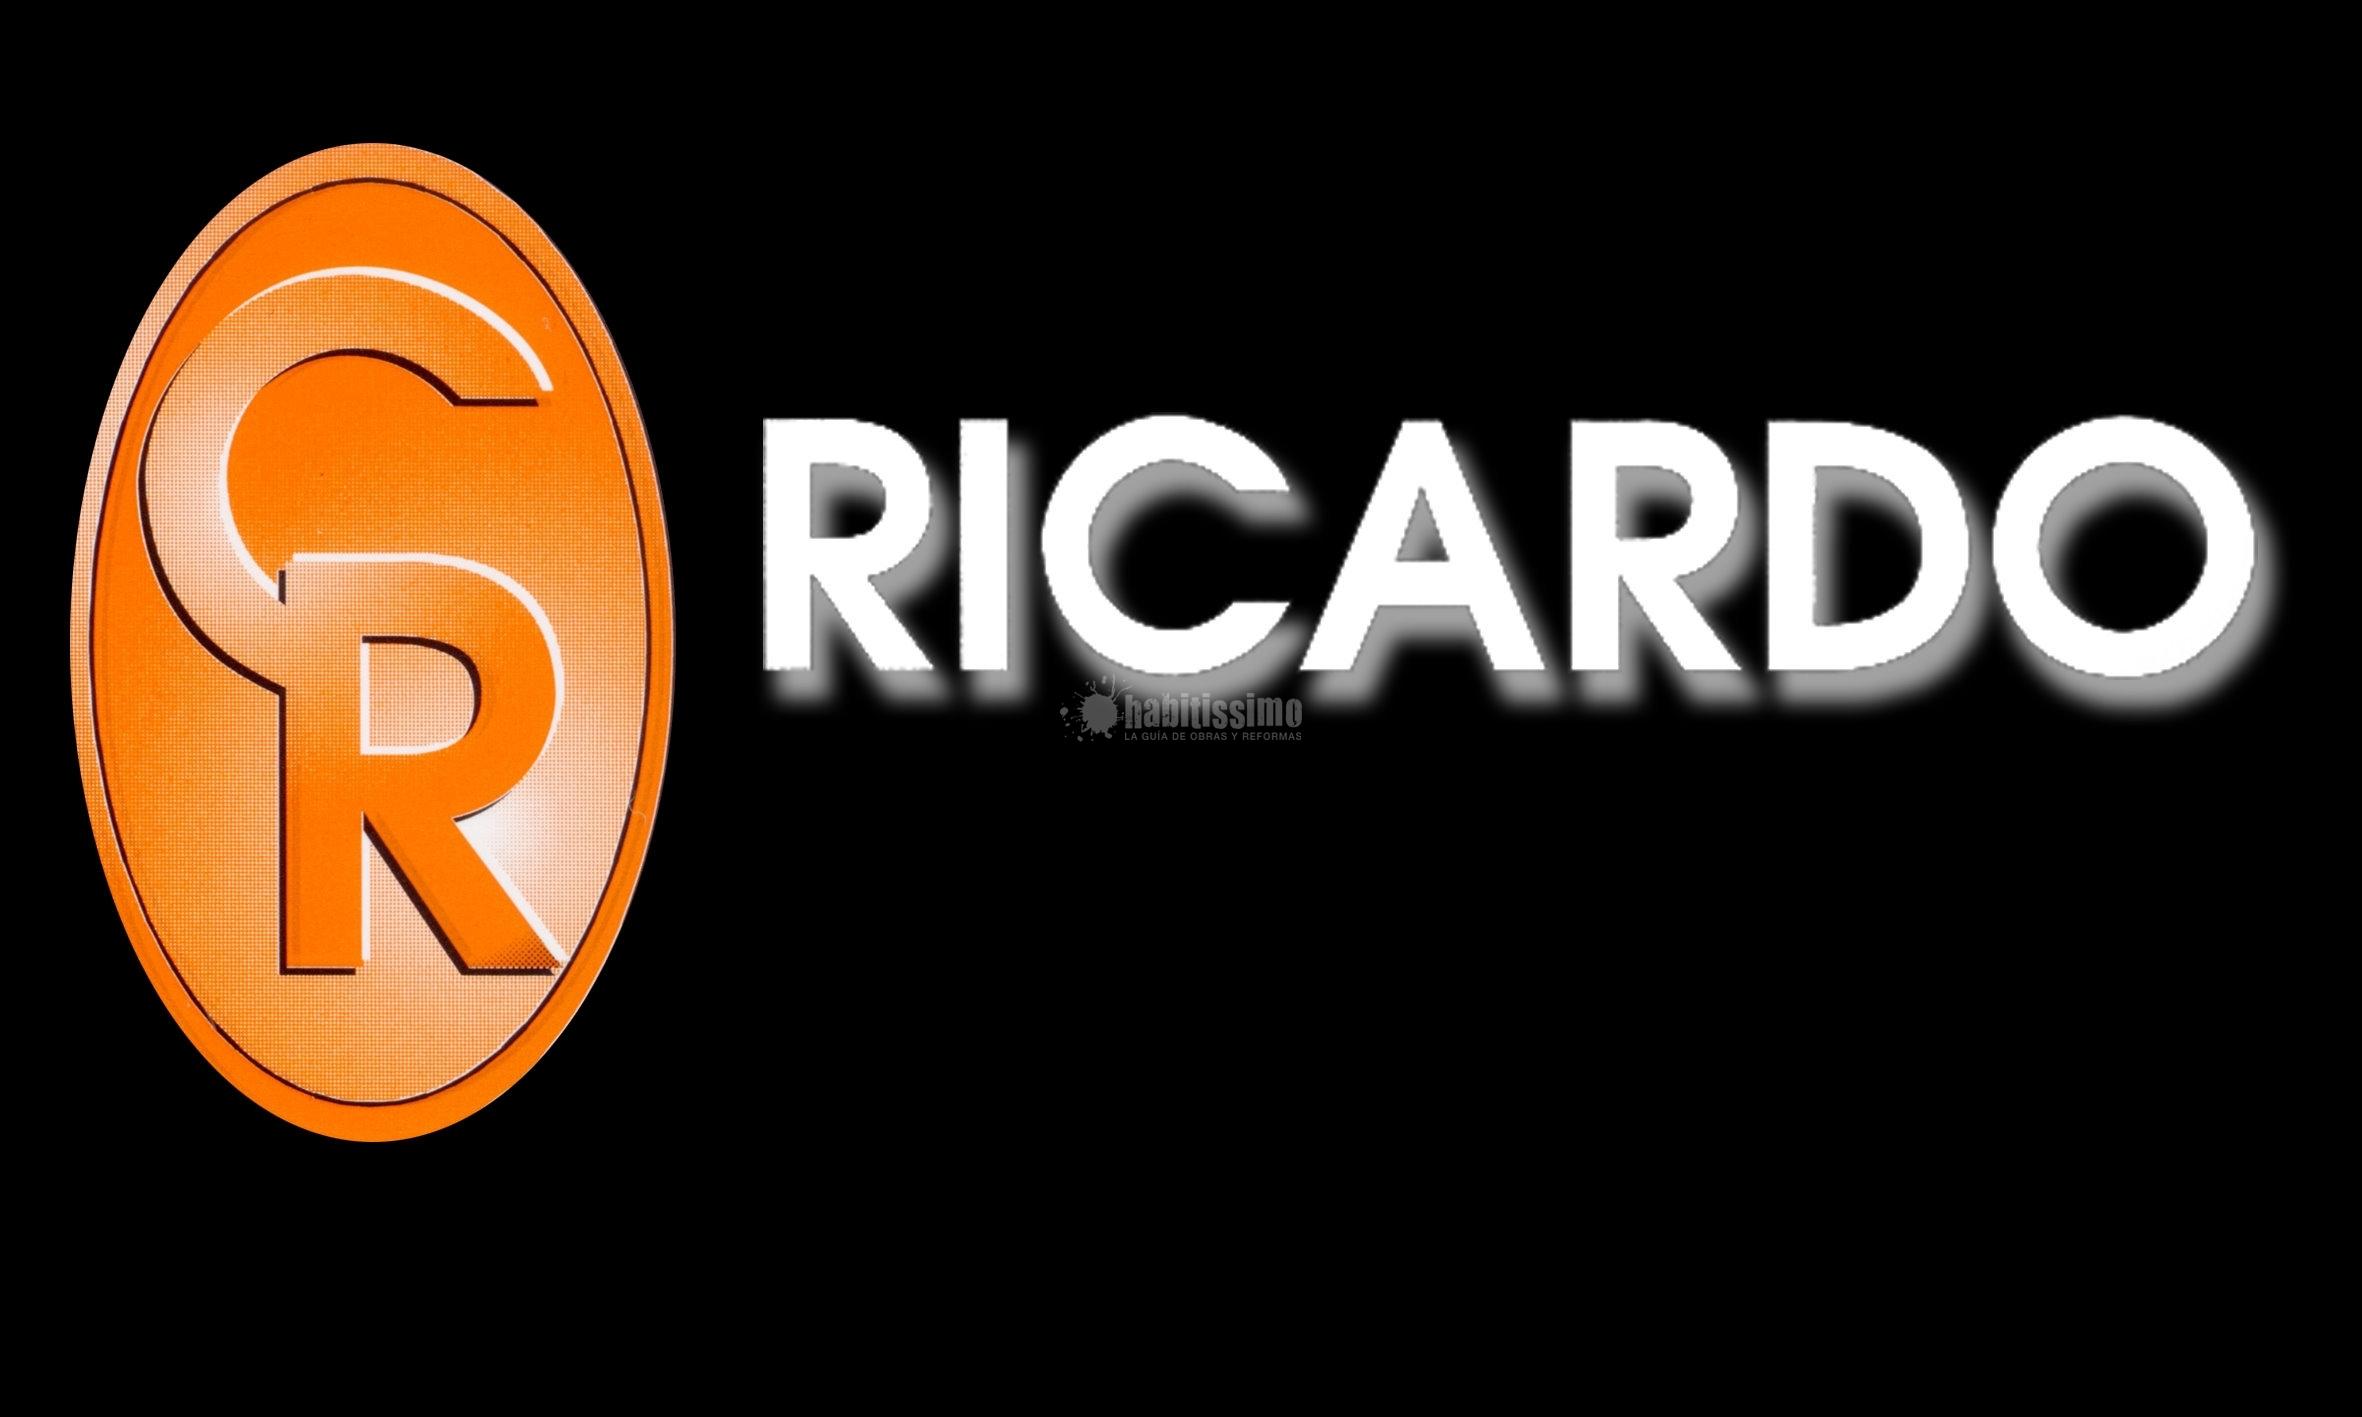 Cocinas Ricardo